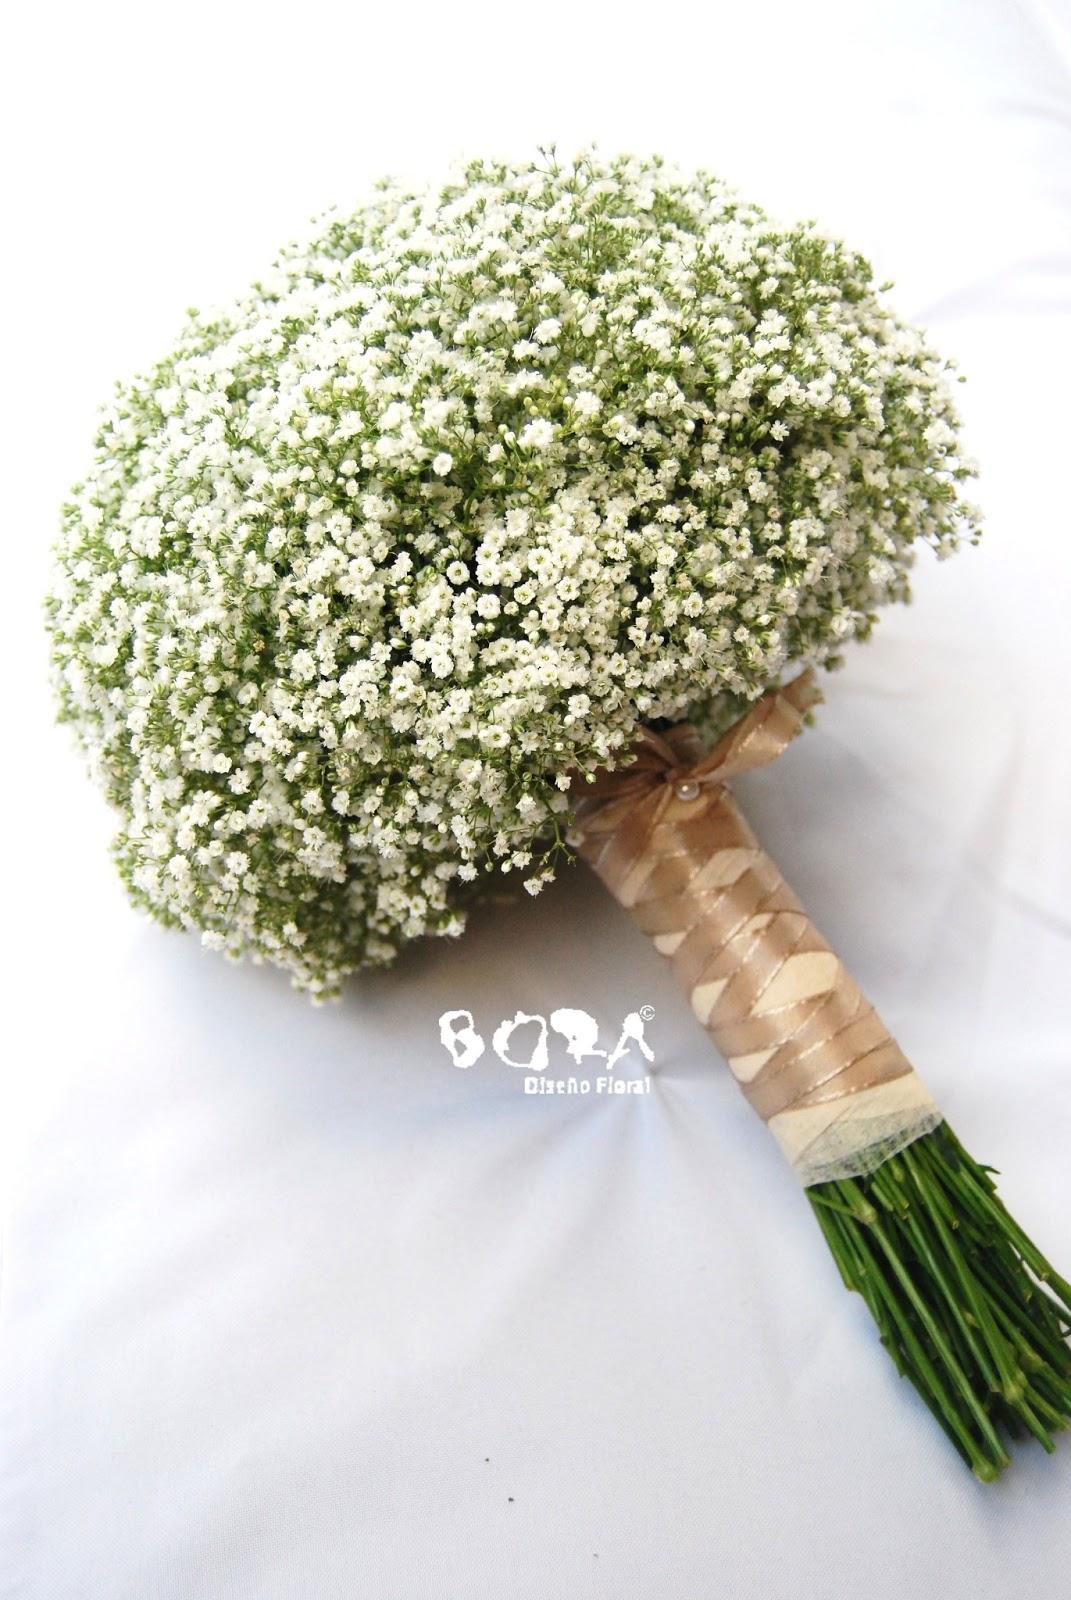 bora dise o floral decorando con paniculata